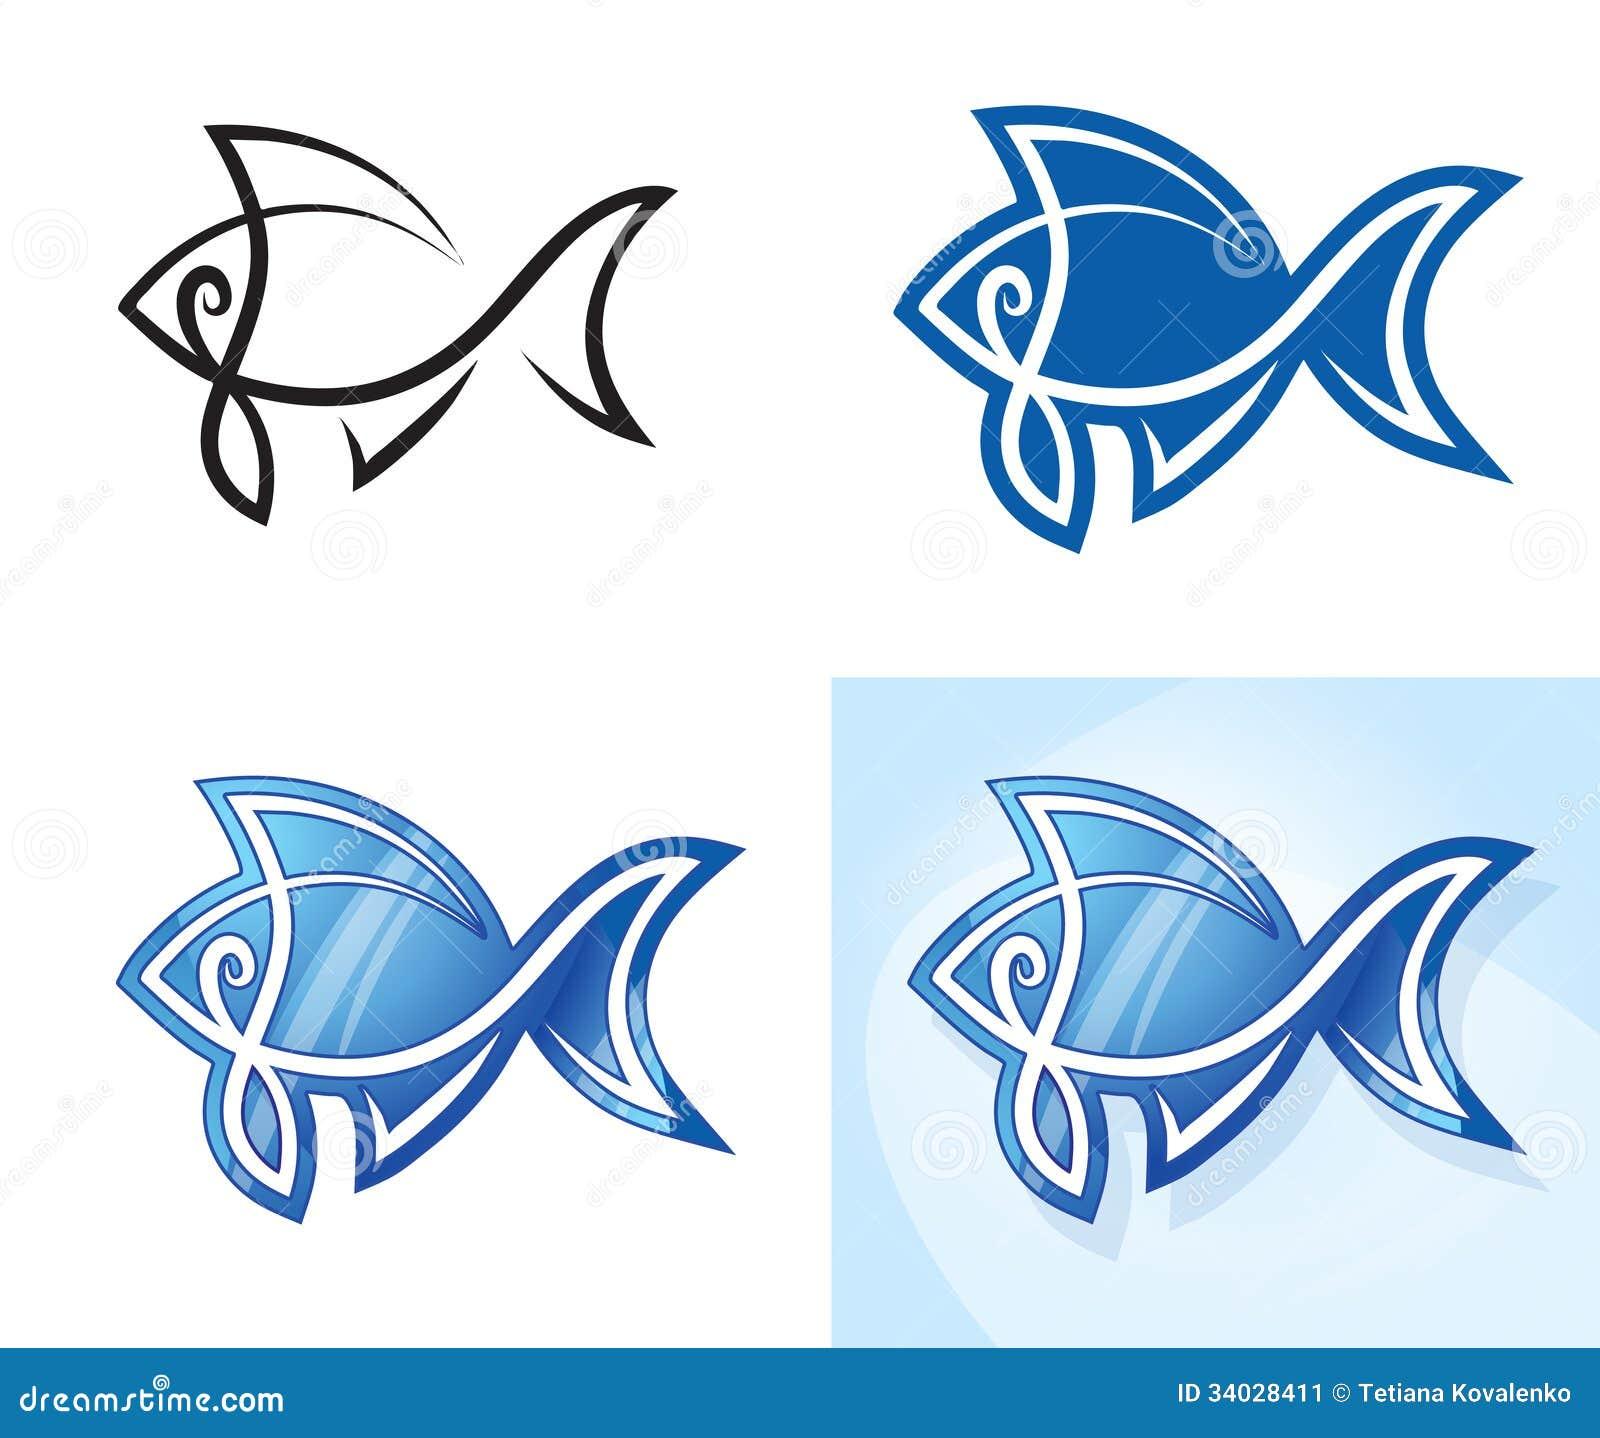 Insieme stilizzato del pesce illustrazione di stock - Pagina di colorazione del pesce ...